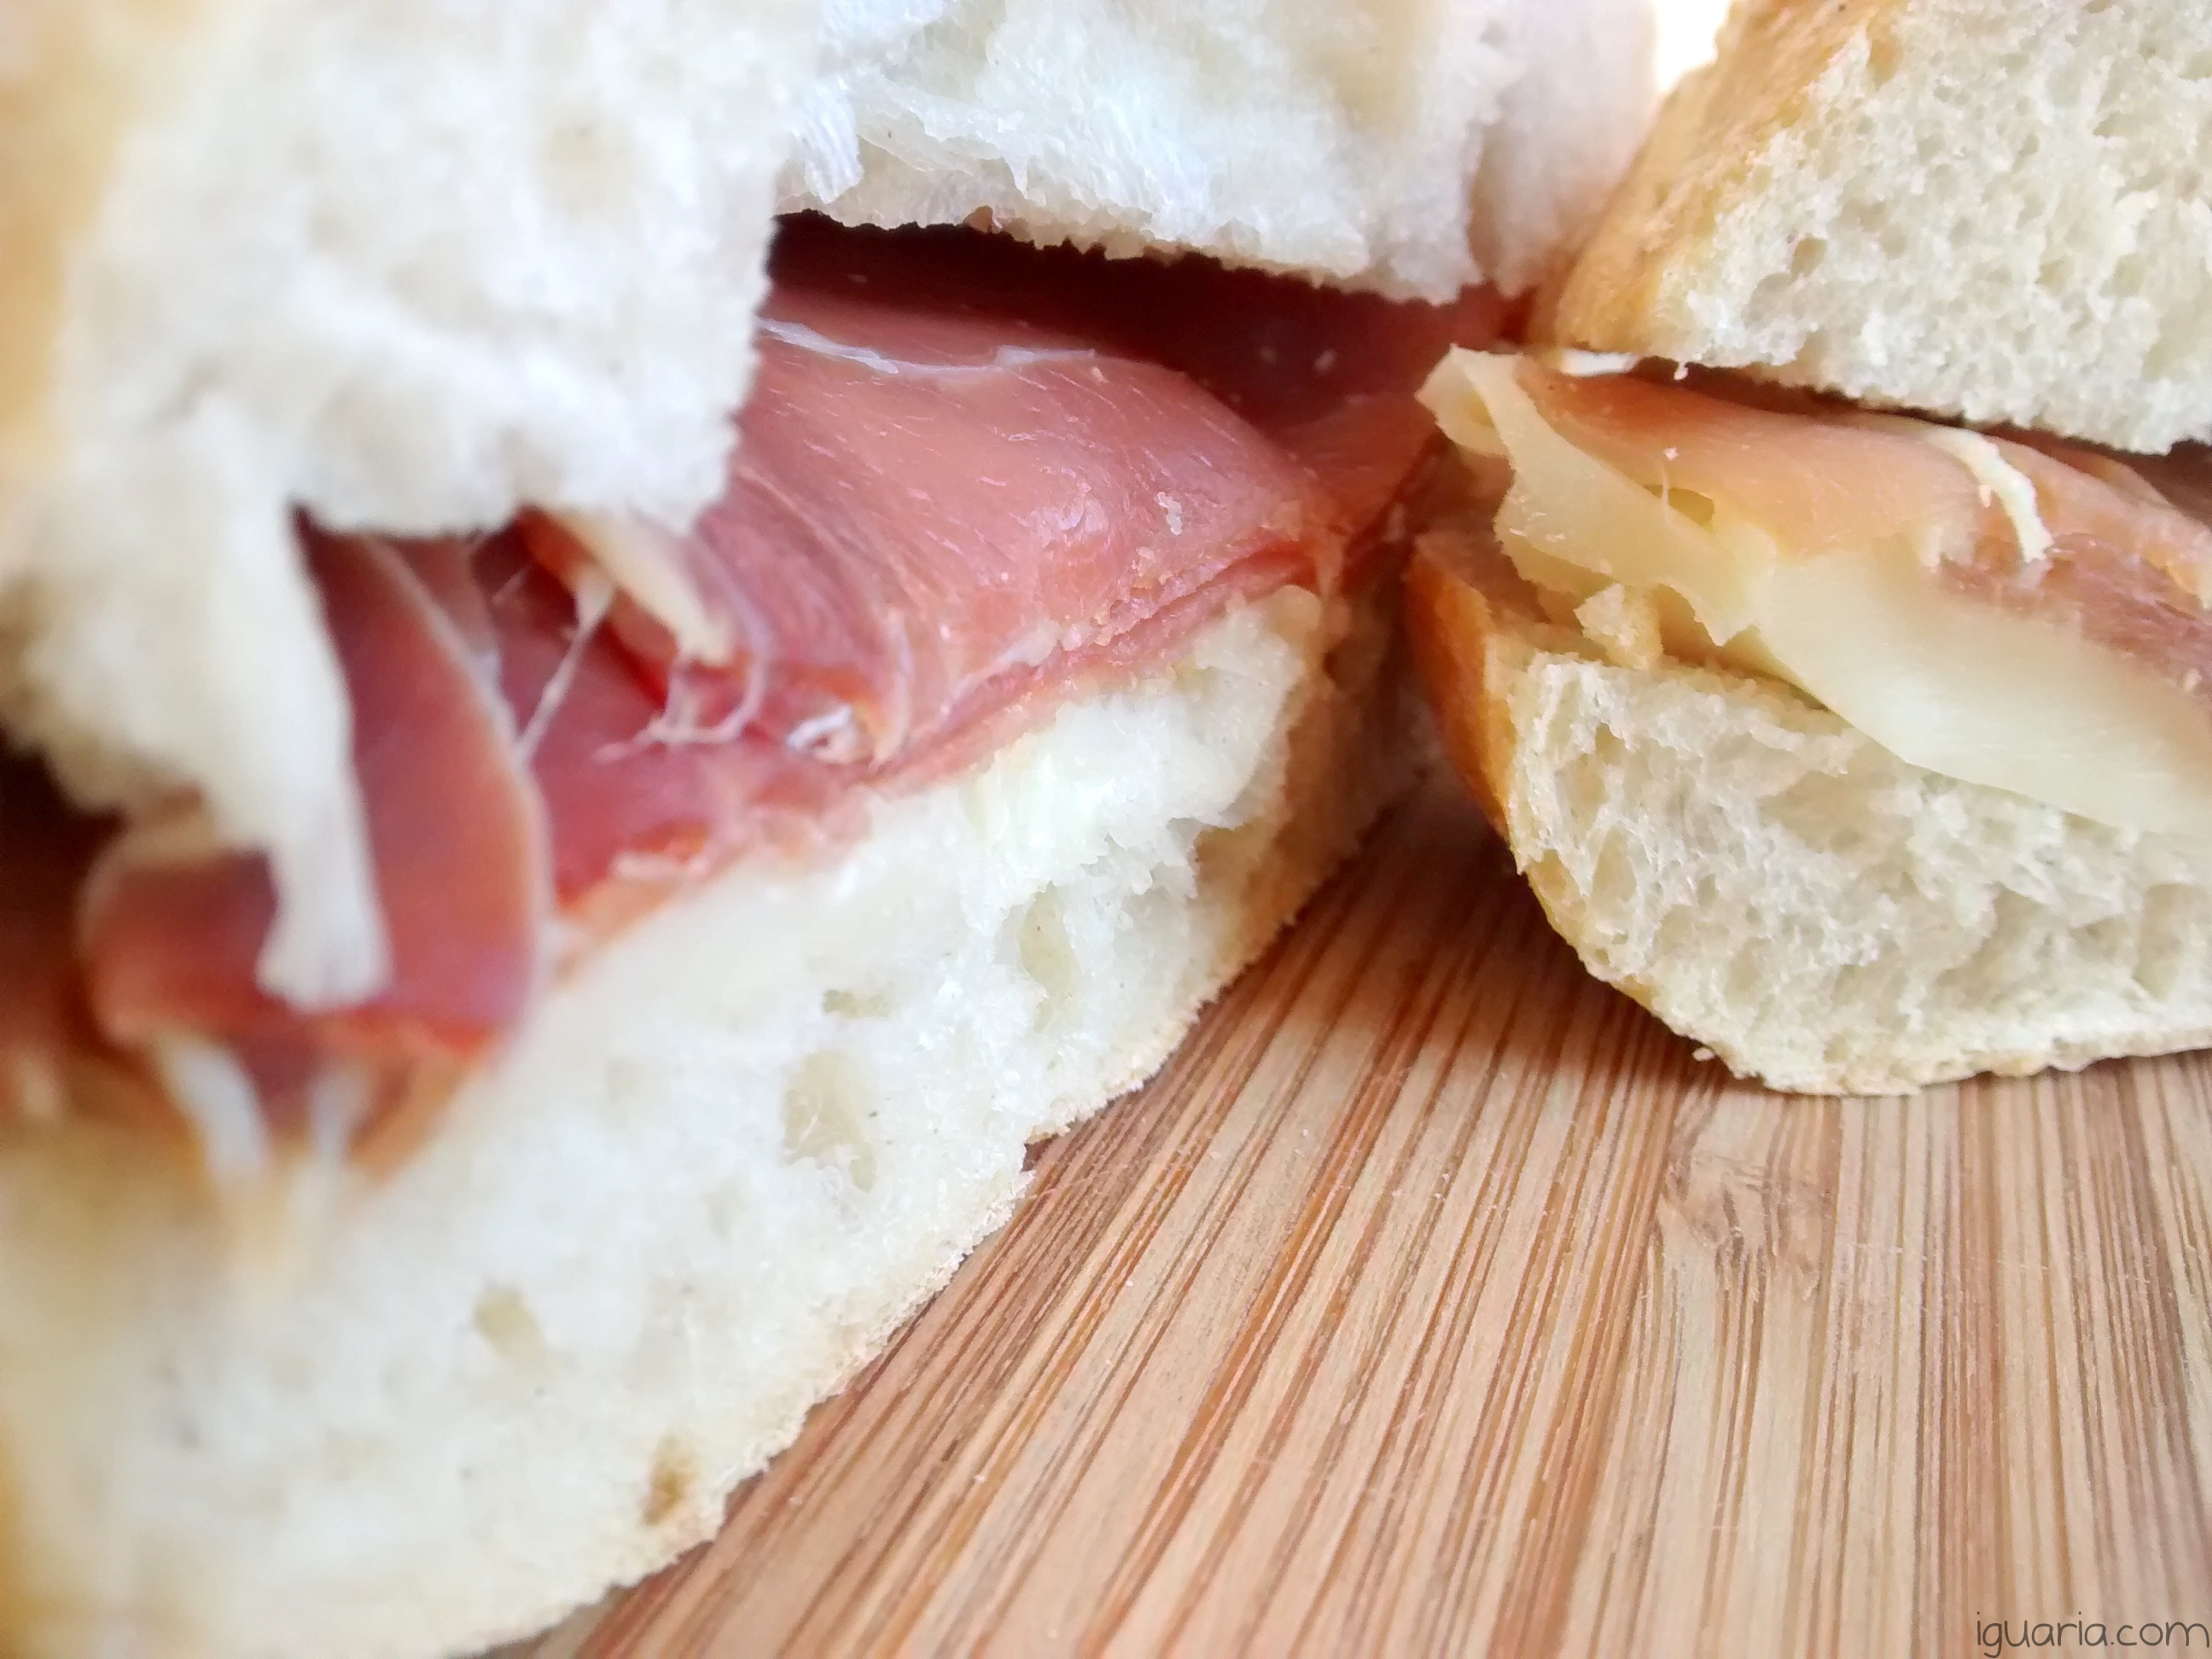 iguaria-sandes-de-presunto-queijo-amanteigado